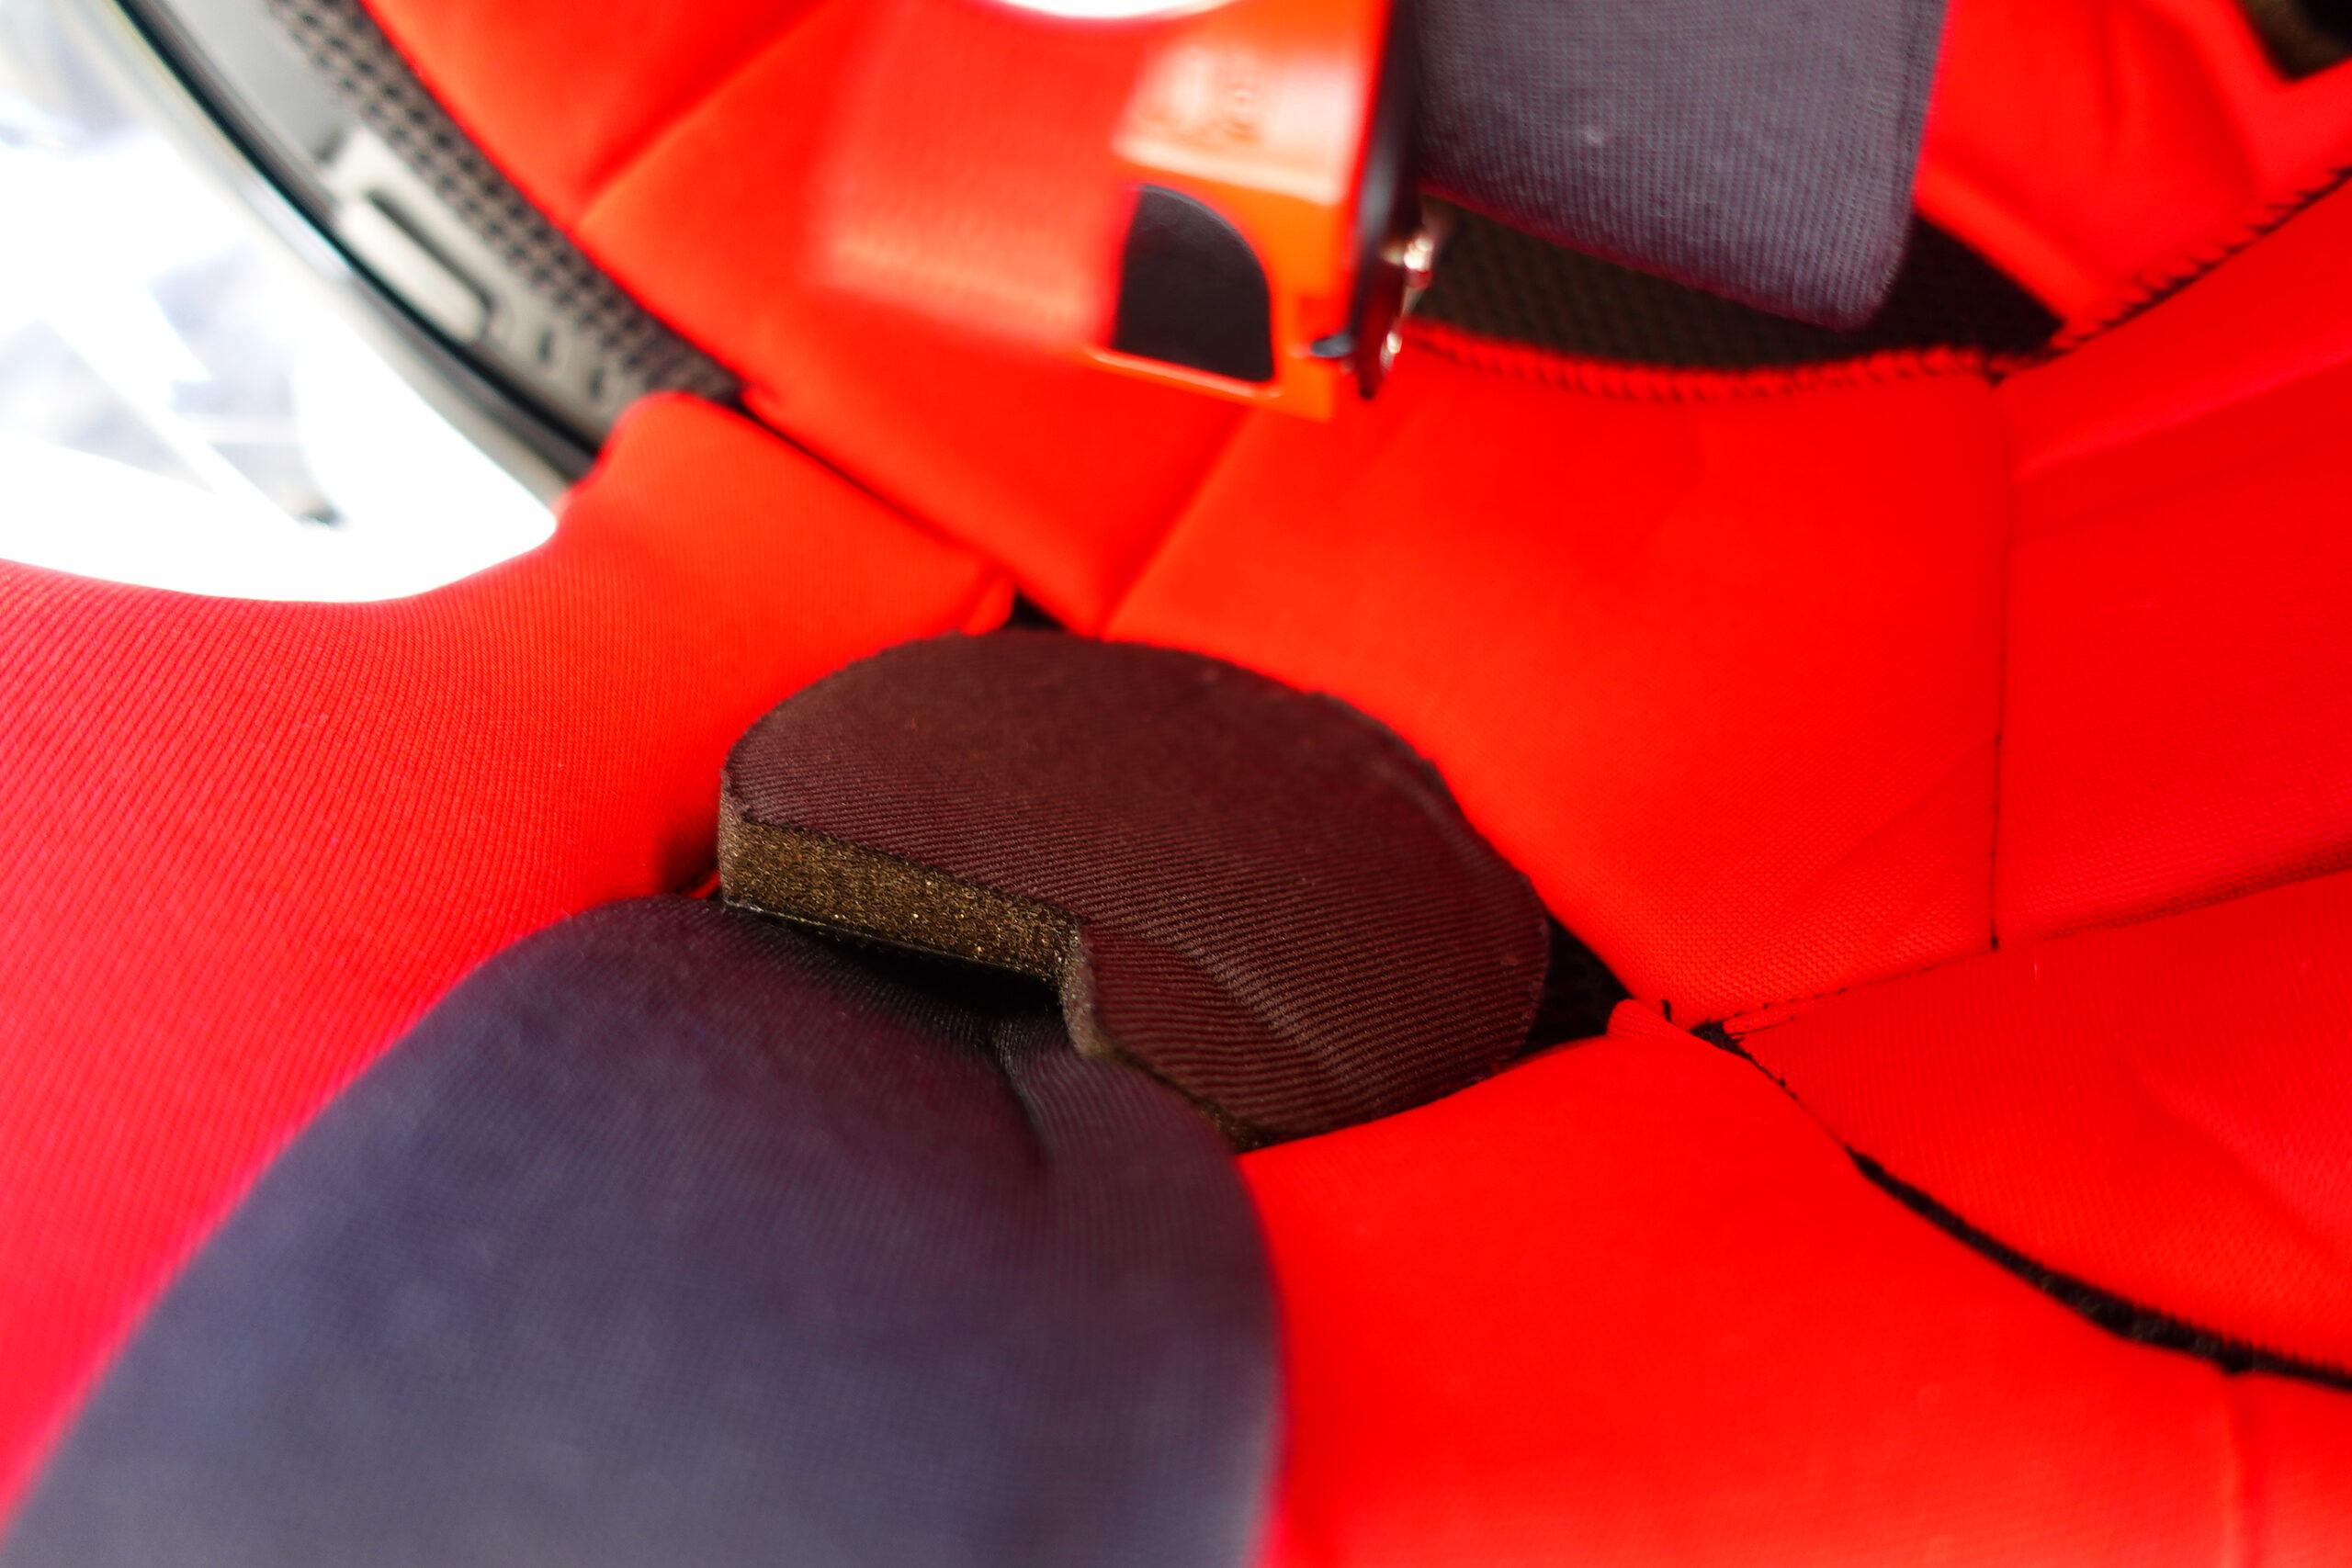 静音対策のイヤーパッドを装填